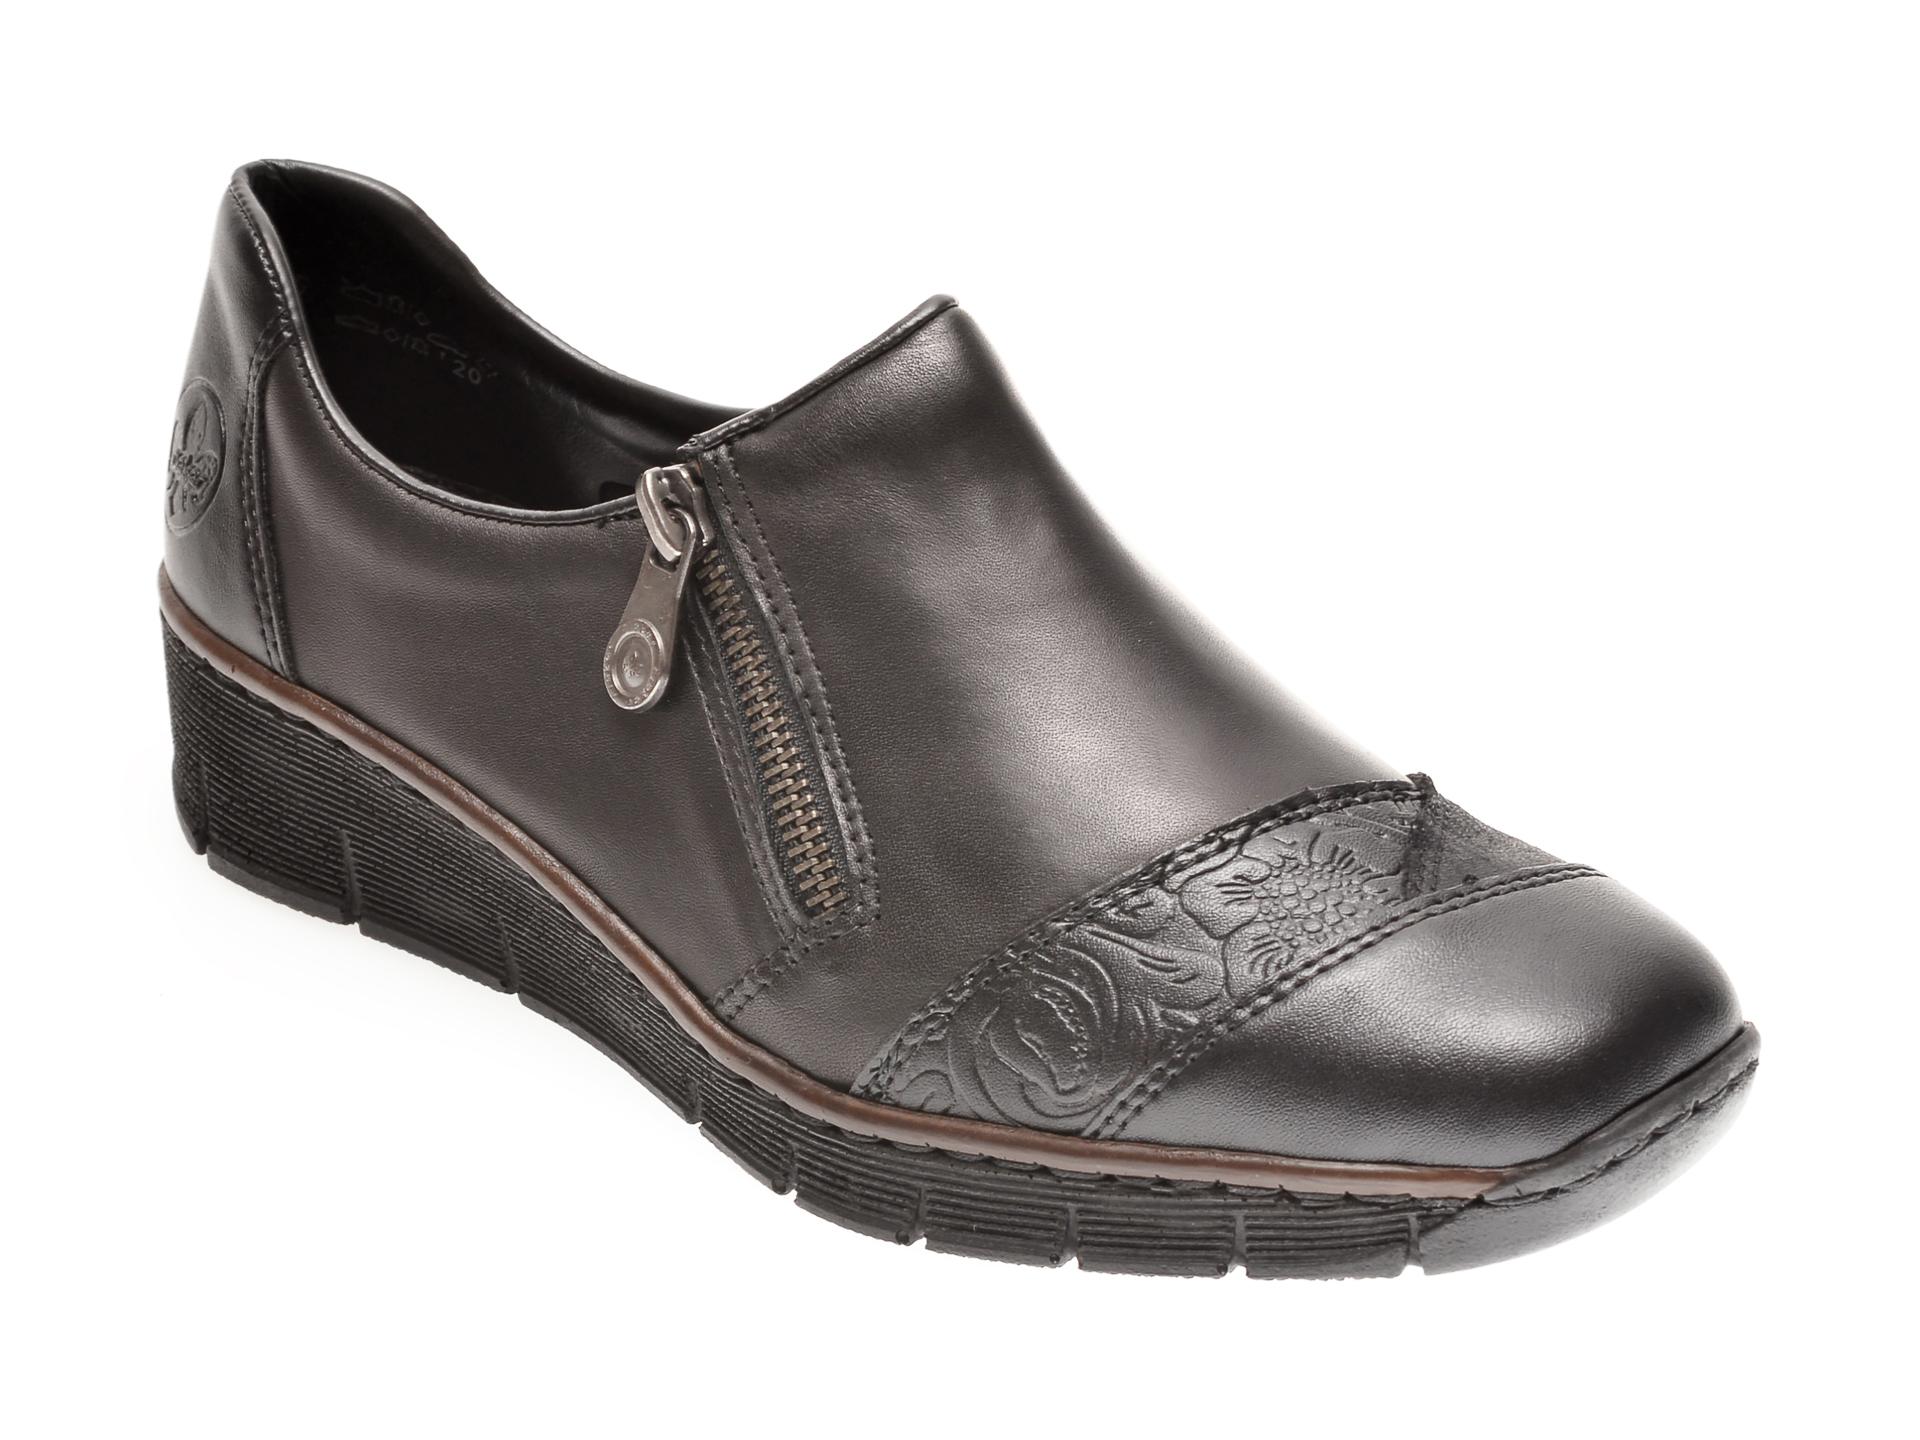 Pantofi RIEKER negri, 53761, din piele ecologica